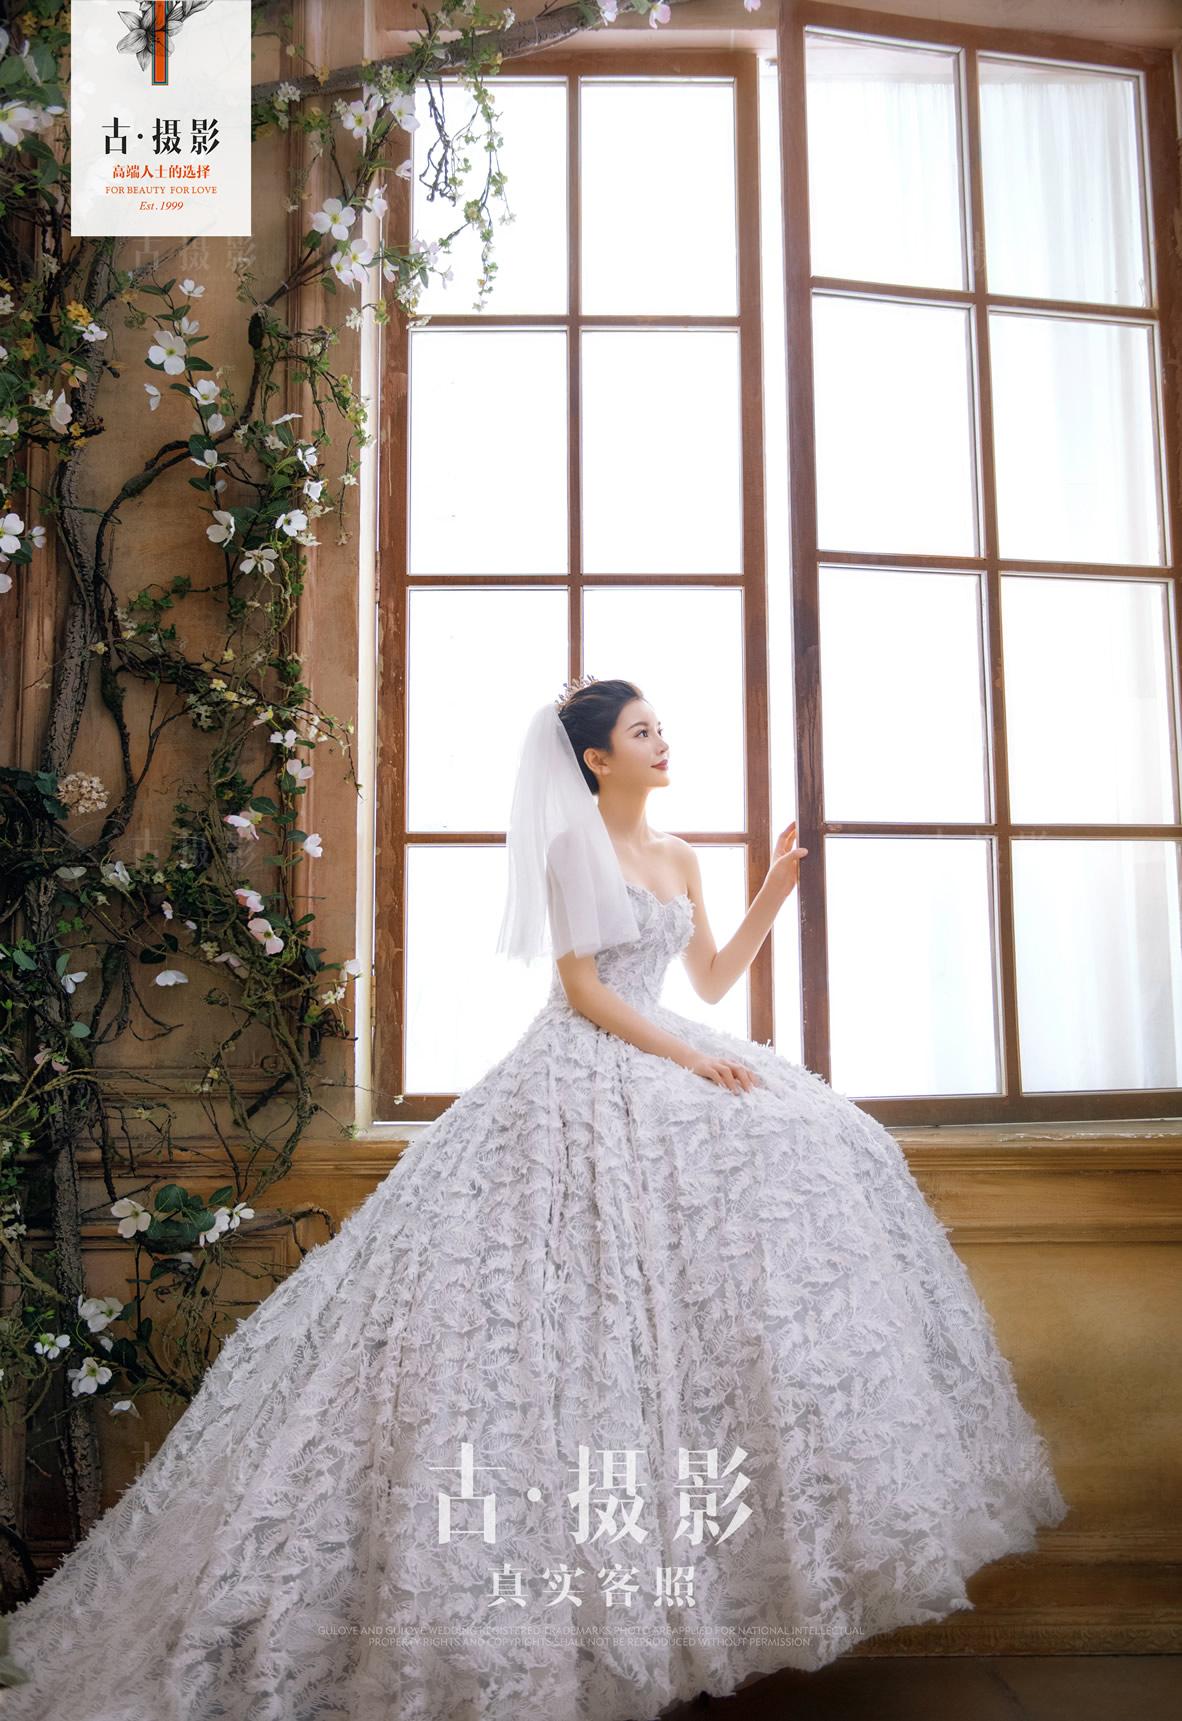 11月7日客片黄先生 杨小姐 - 每日客照 - 广州婚纱摄影-广州古摄影官网